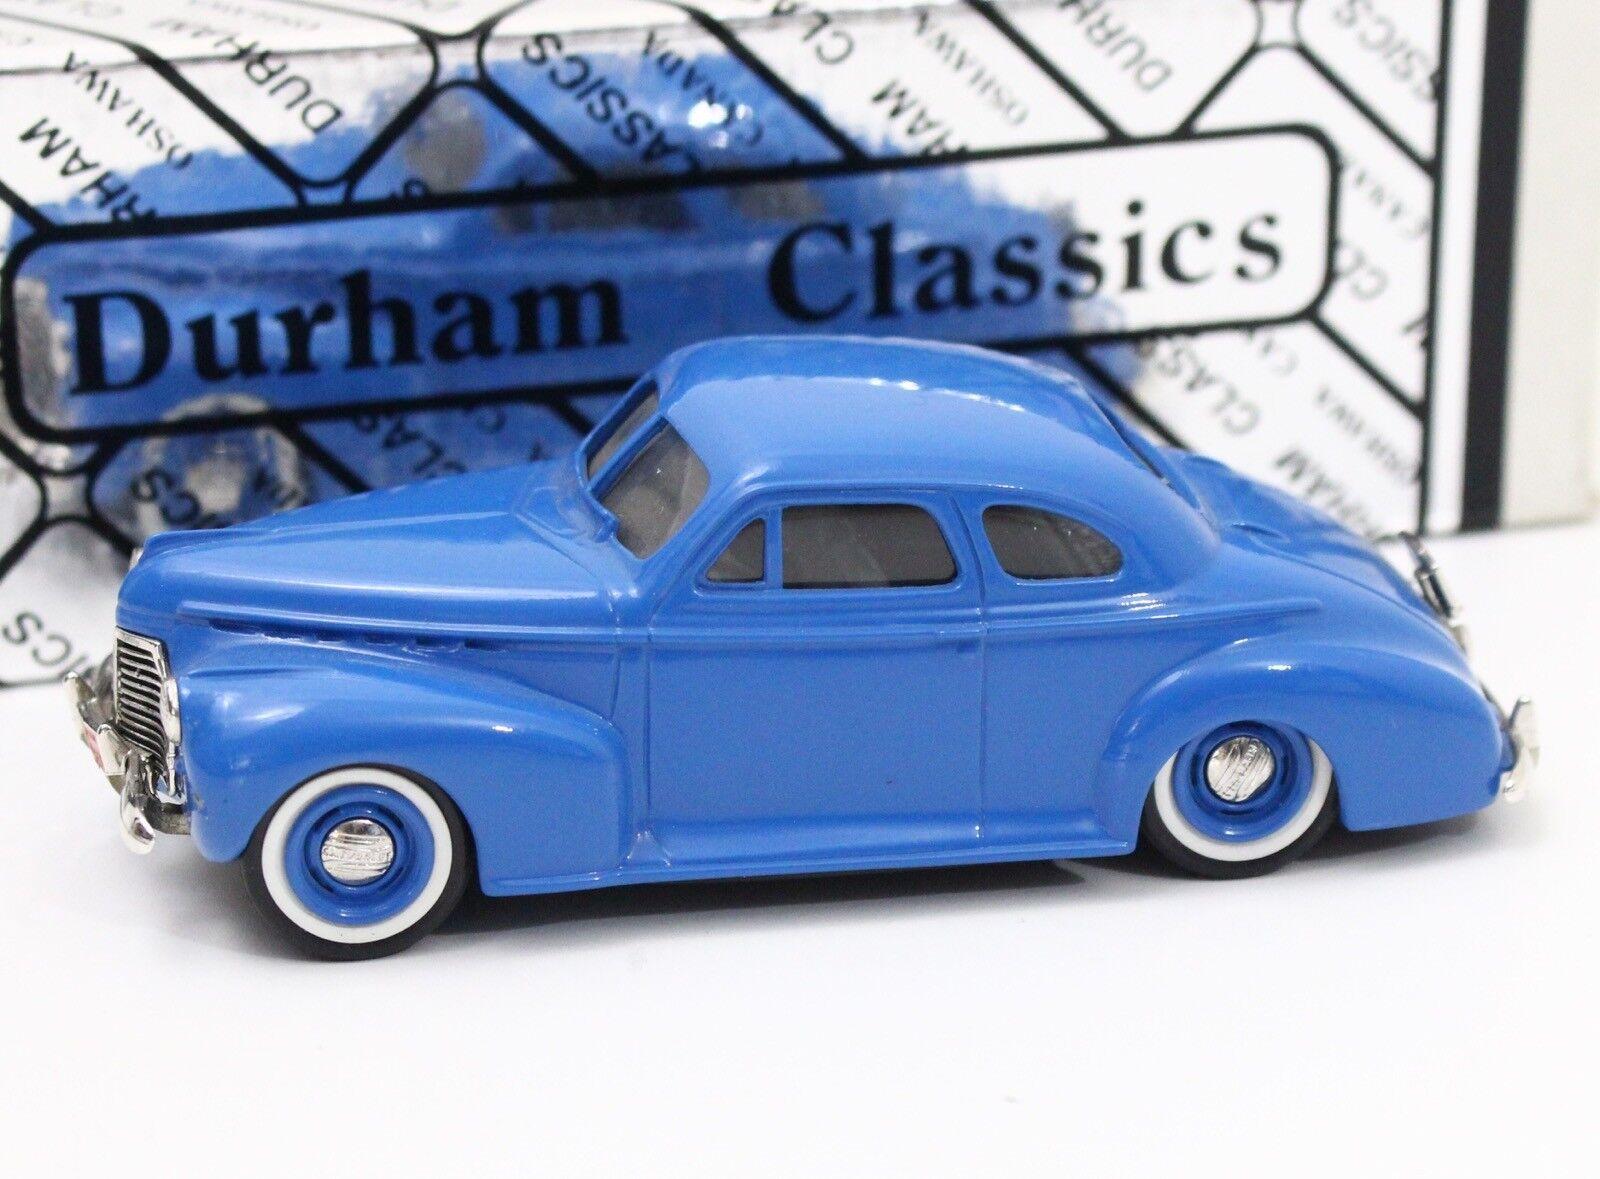 1941 chevrolet deluxe coupé durham klassiker kanada 1 43 skala 4.5  länge